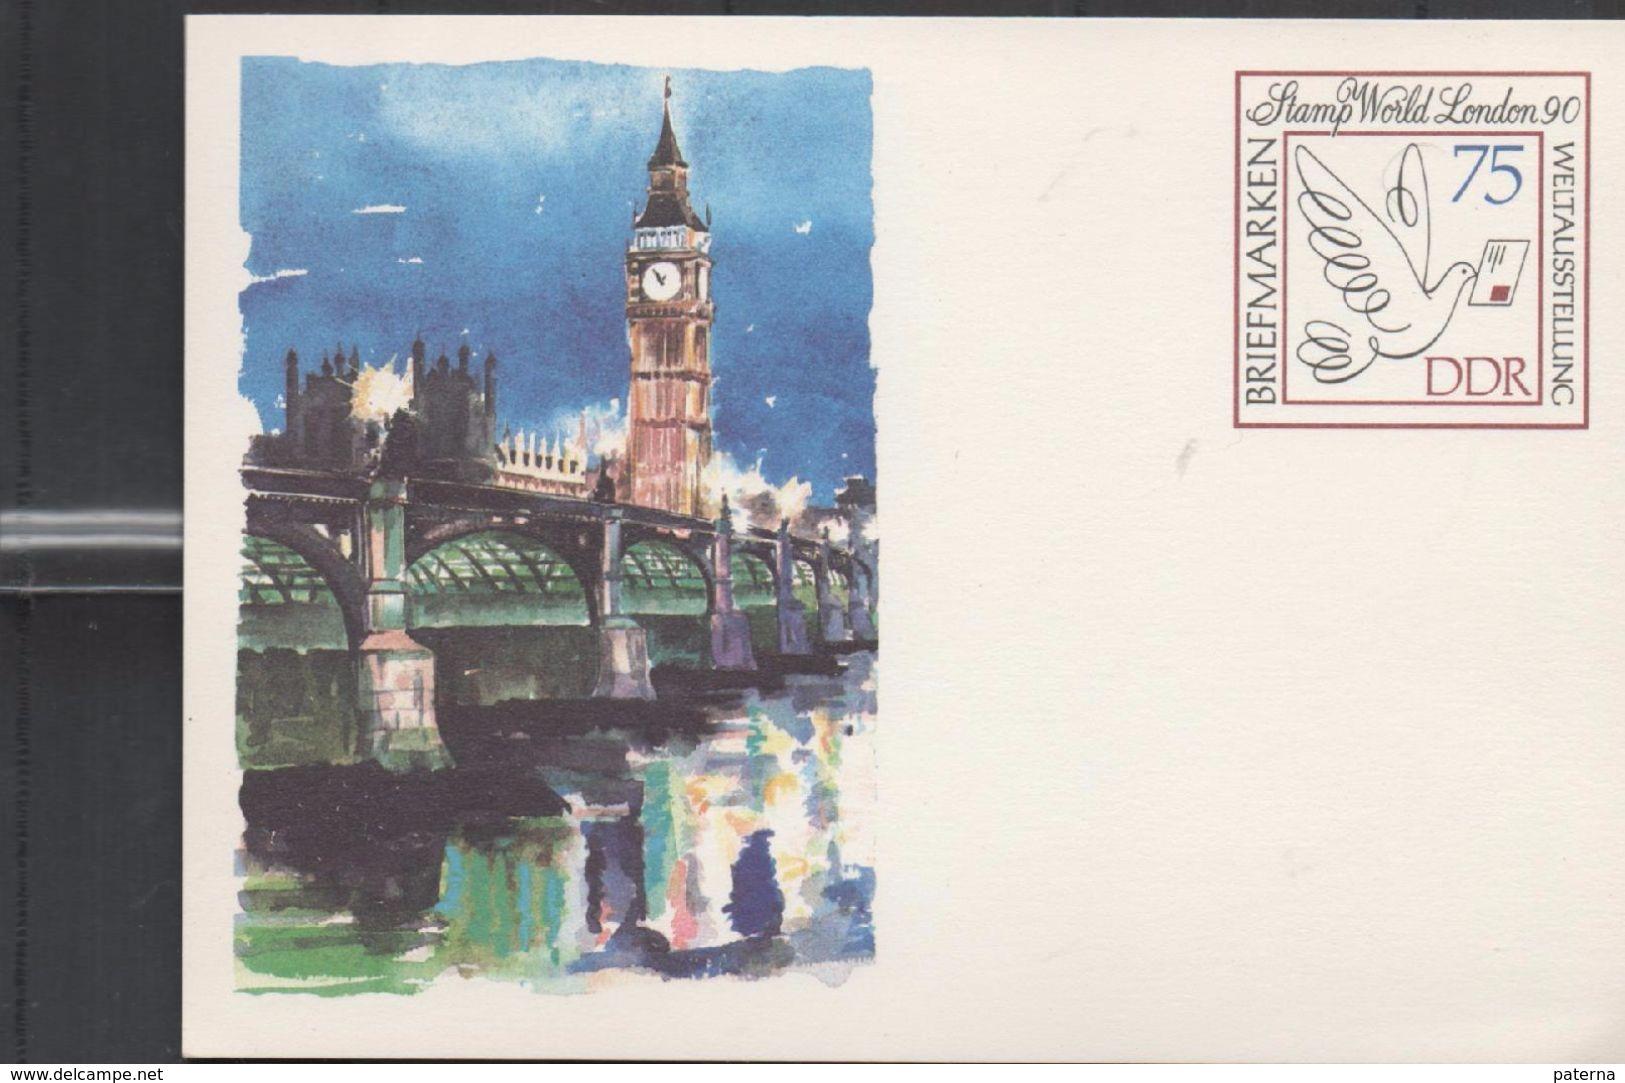 3150  Entero Postal  DDR Stamp World London 90 Nuevo, Alemania - [6] República Democrática